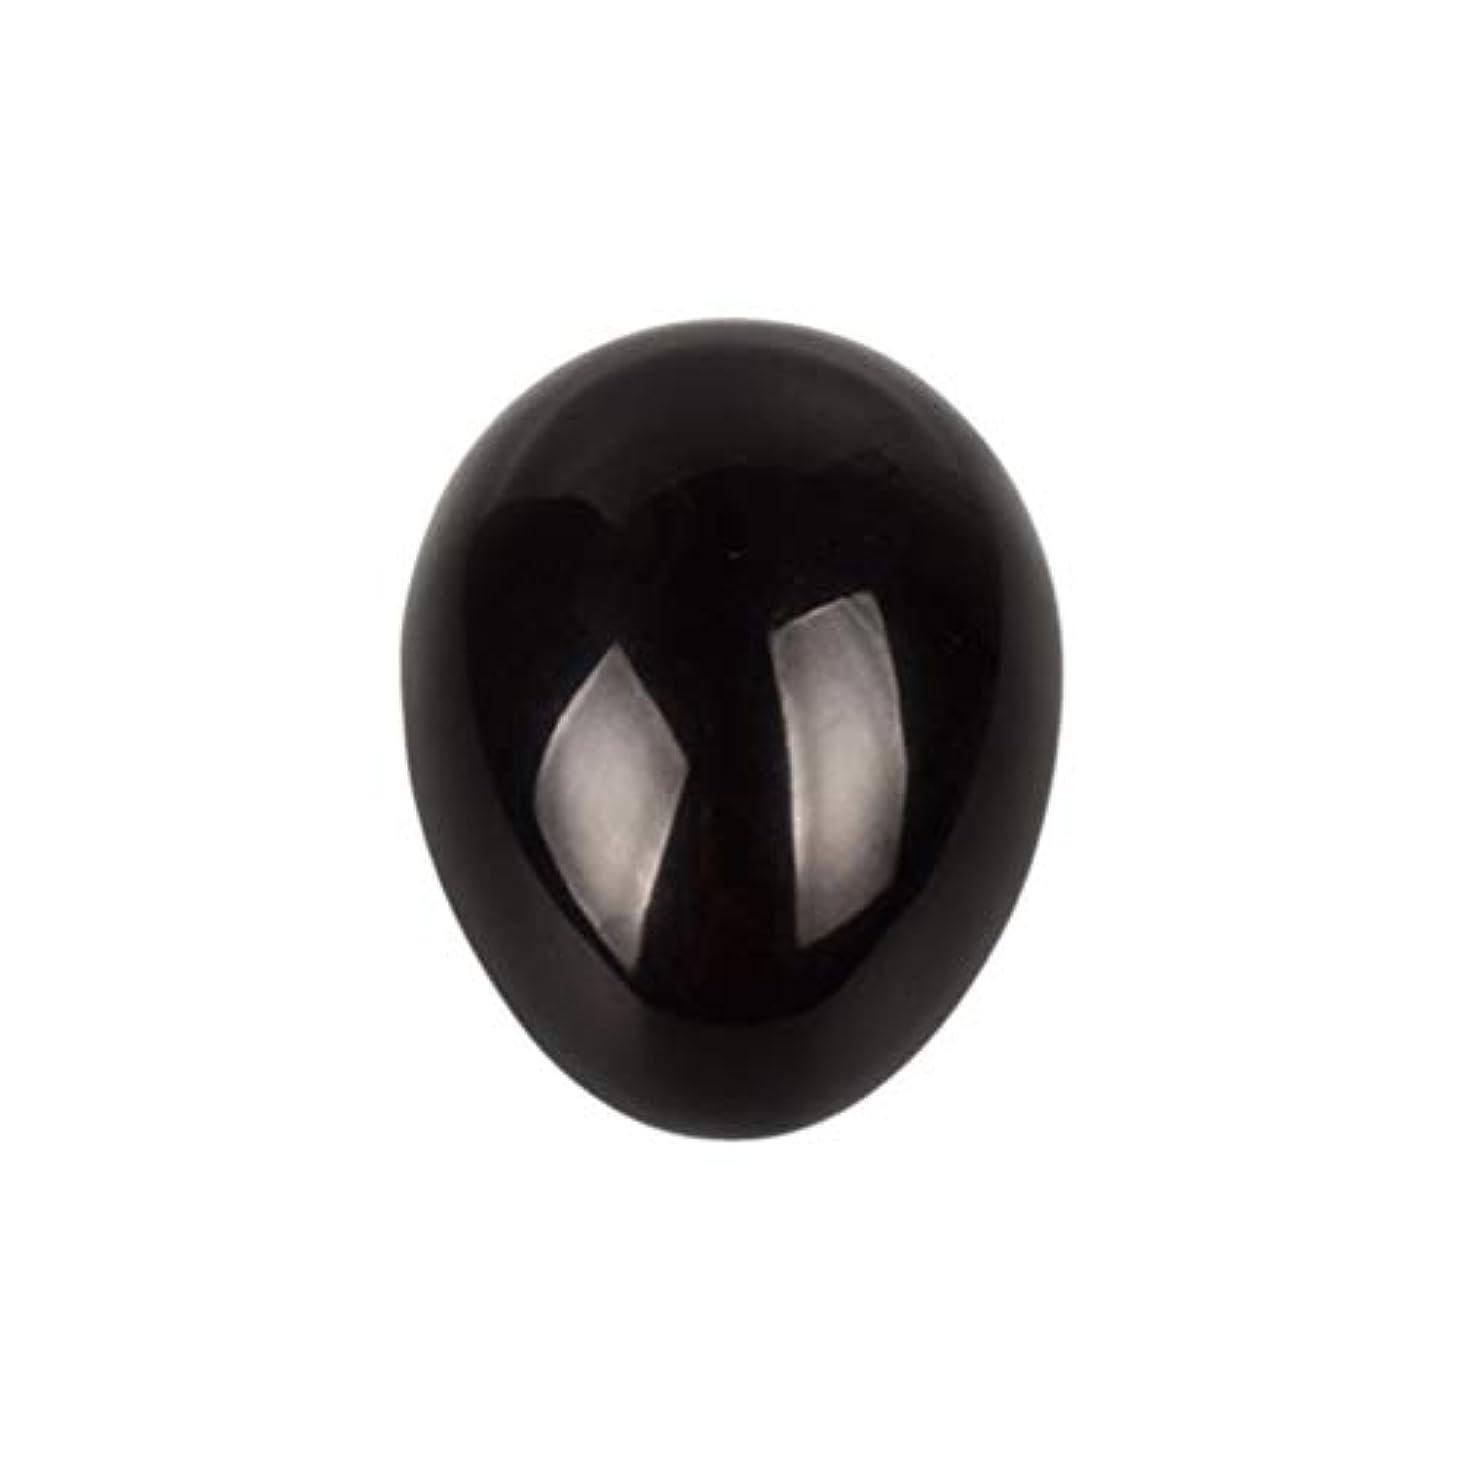 コカインめんどり宣言するROSENICE 瞑想チャクラバランスのための黒曜石の卵の球